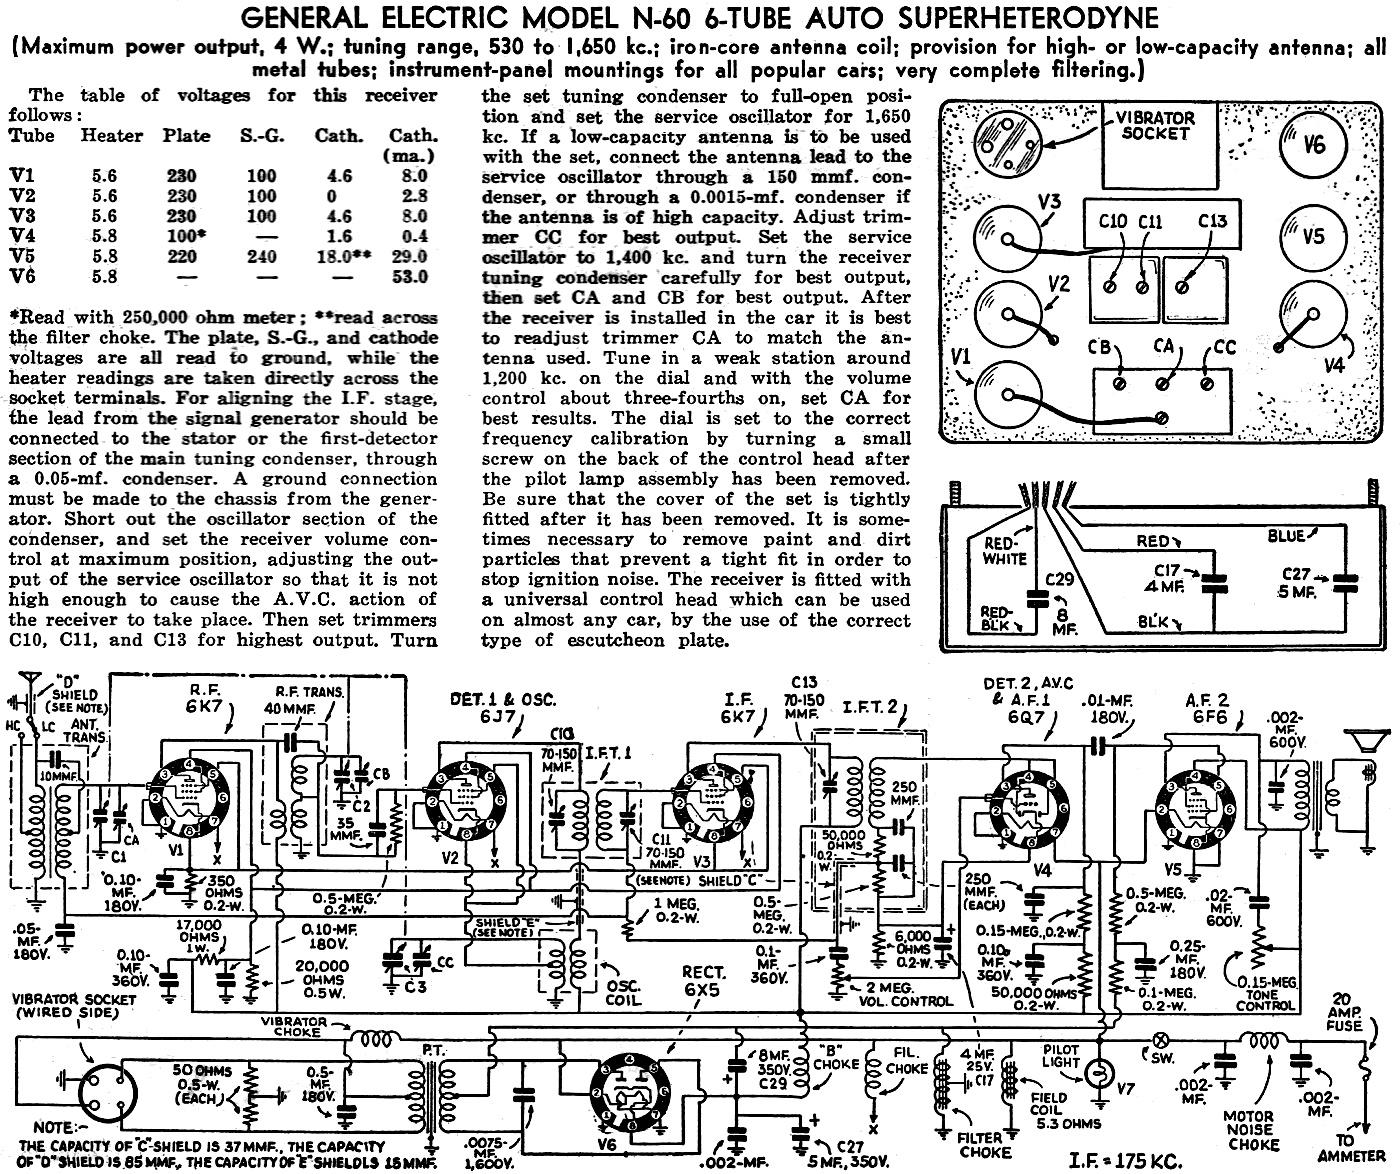 General Electric Model N 60 6 Tube Auto Superheterodyne